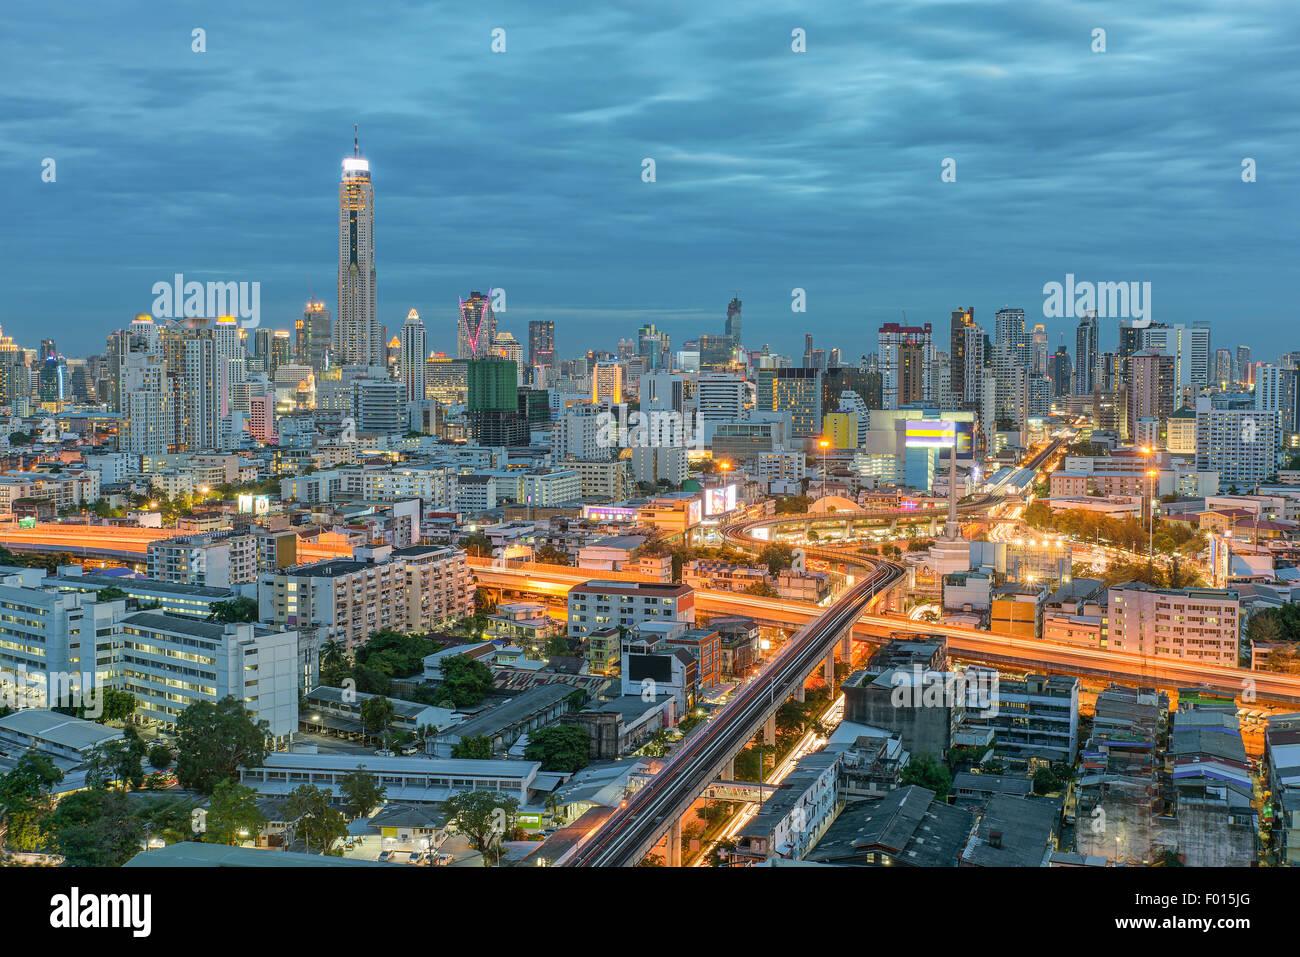 Vista de noche de la ciudad de Bangkok, Tailandia, con bonito cielo Imagen De Stock